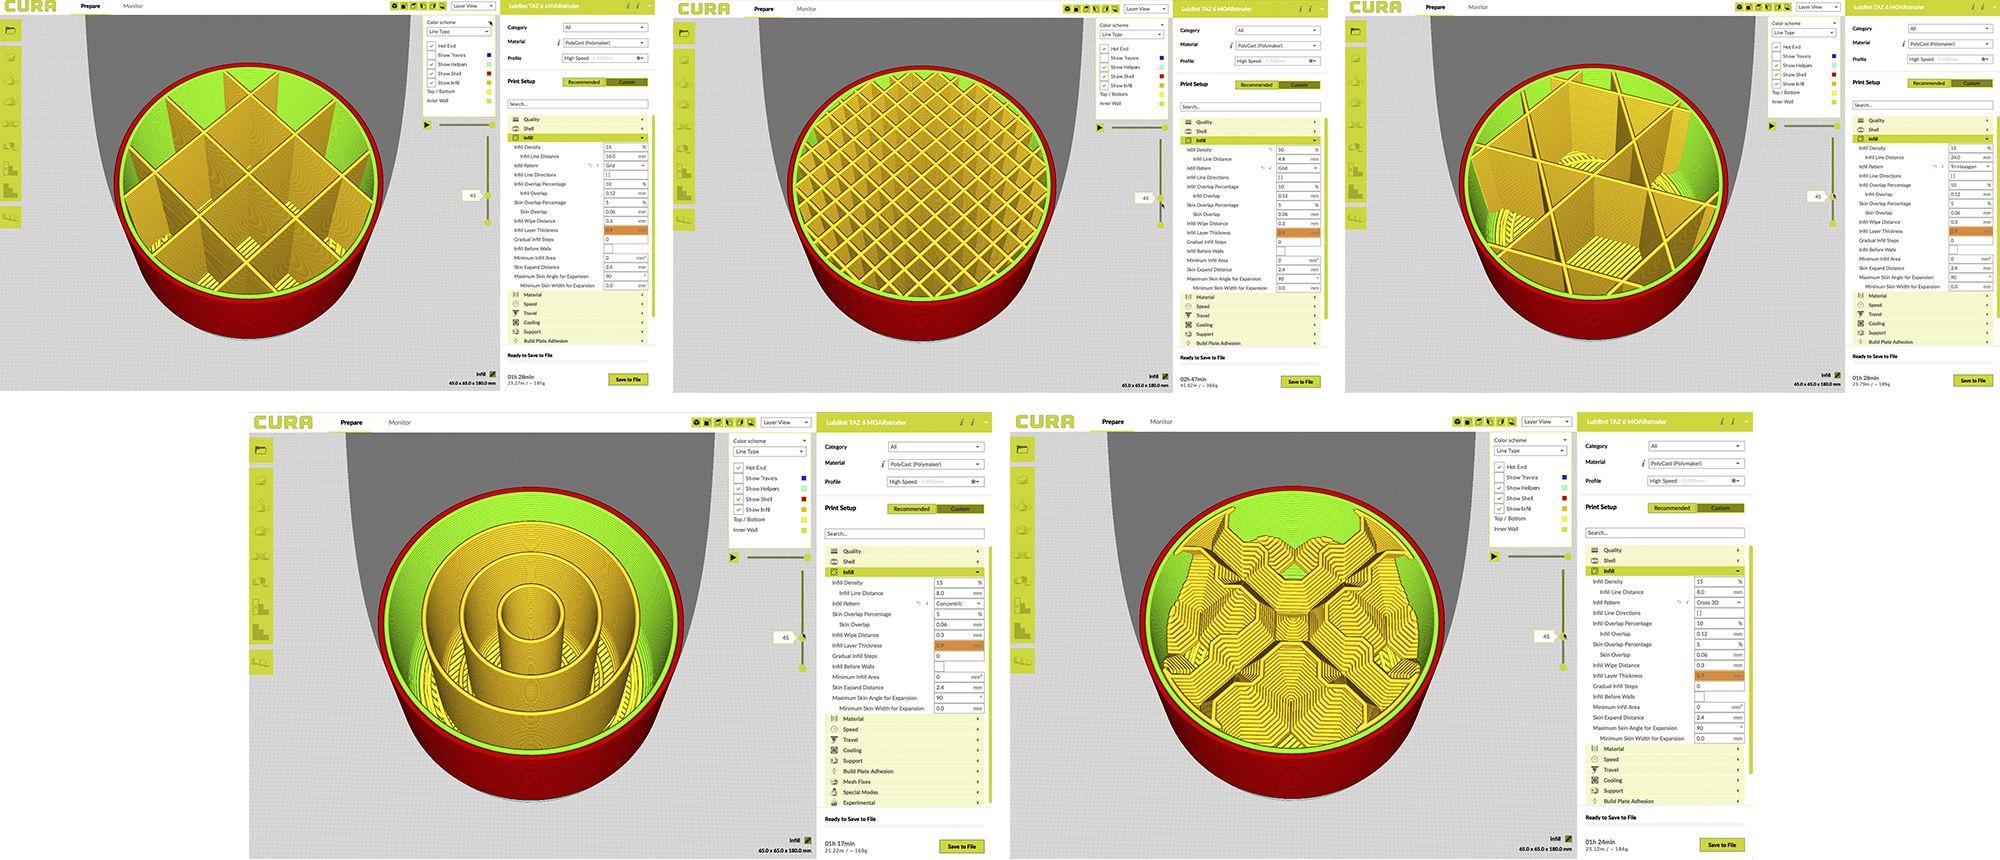 CURA lulzbot screenshots of different infills